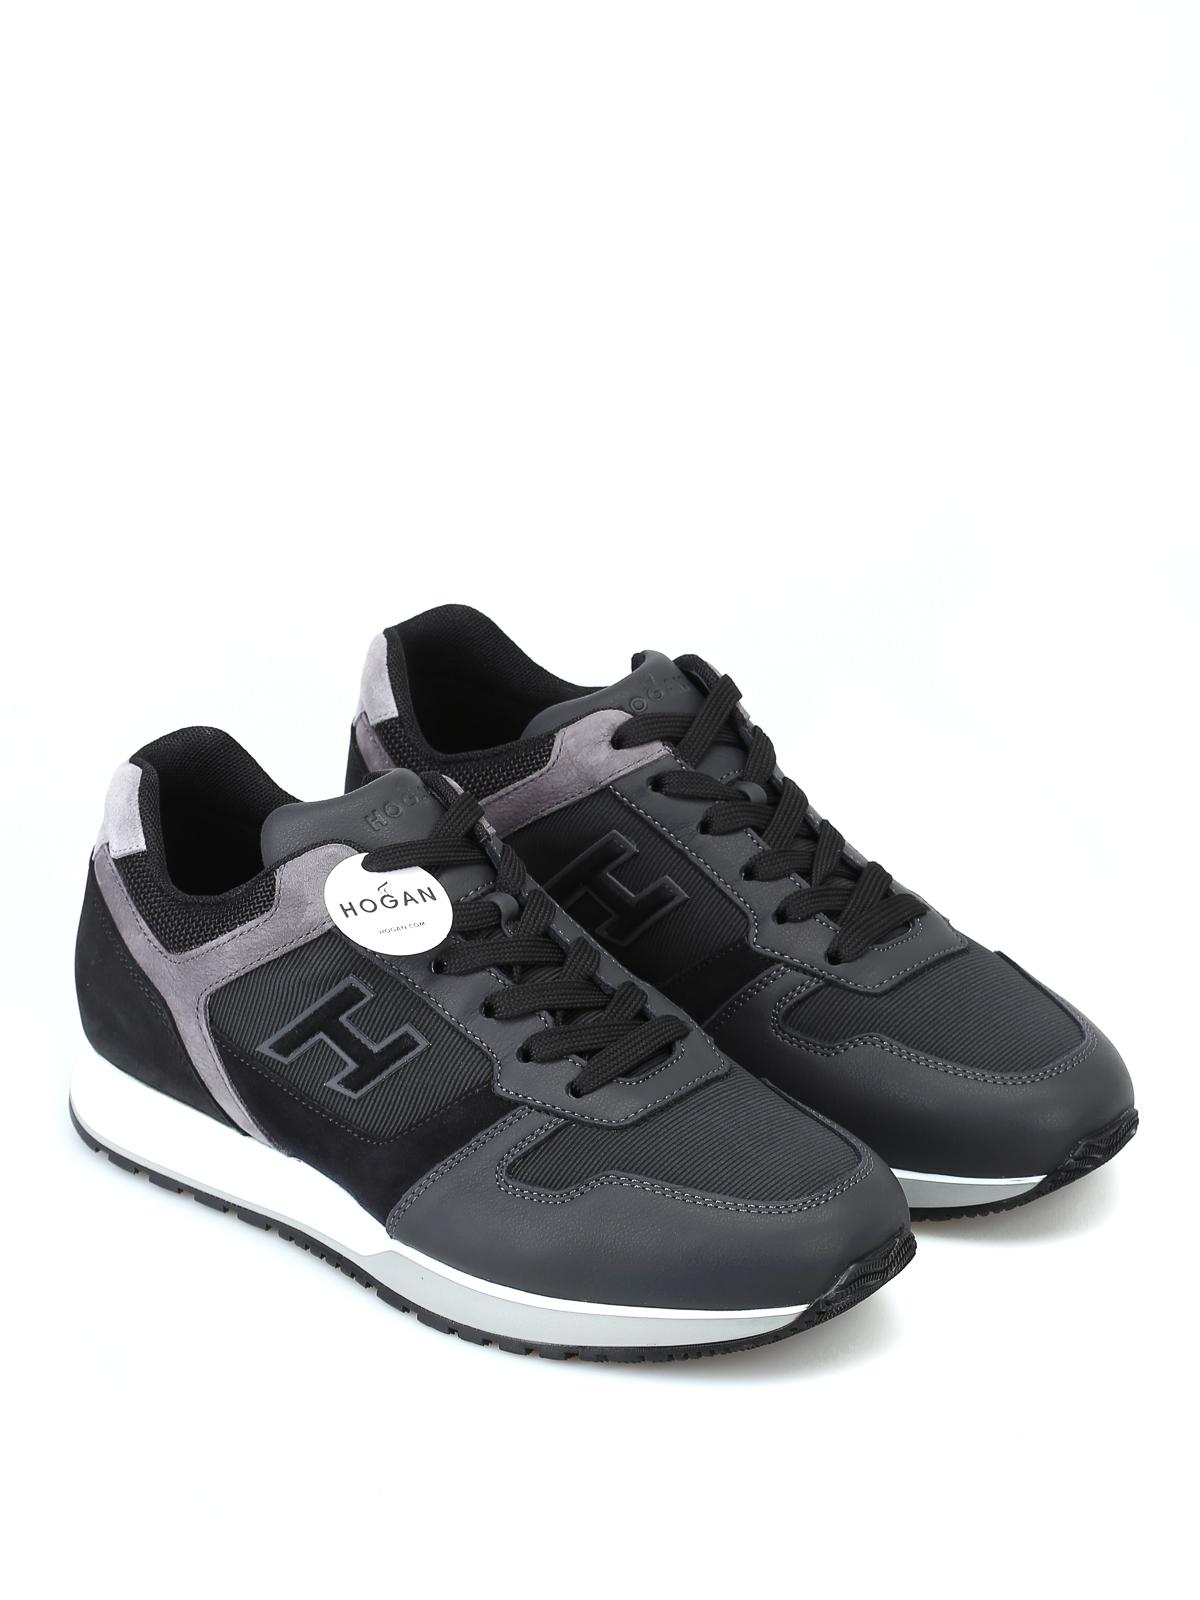 44be3b74799c1 HOGAN  sneakers online - Sneaker nere H321 in pelle e suede